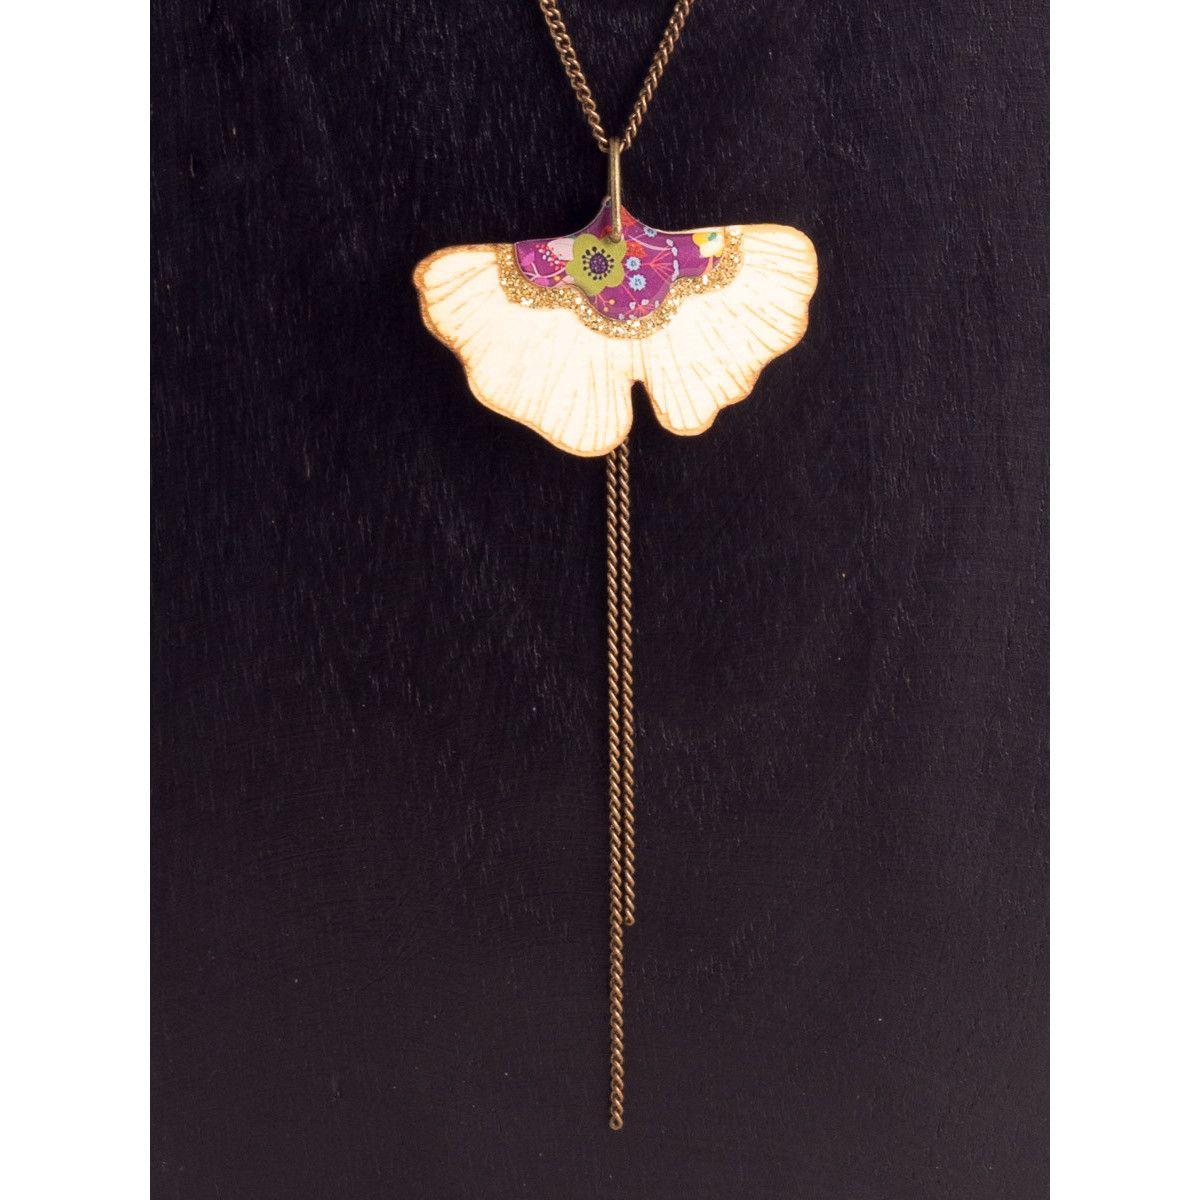 SAUTOIR GINKGO ,Collier 2 longueurs, pendentif Bouquet